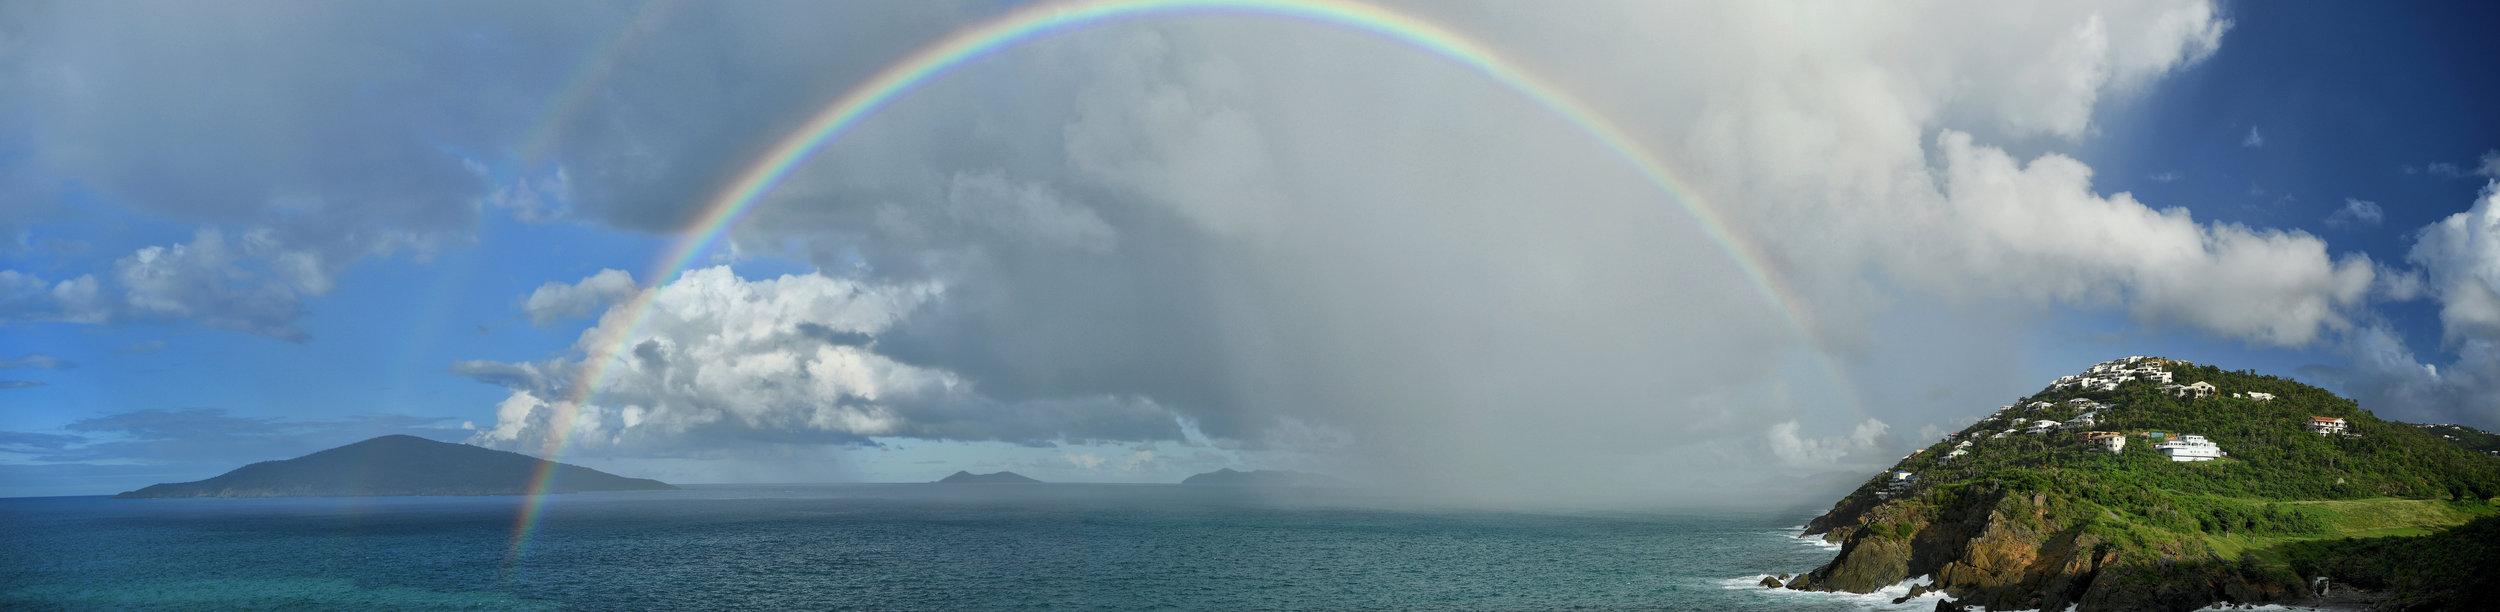 Rainbow at Villa Norbu - Villa Norbu - Blue Glass Photography